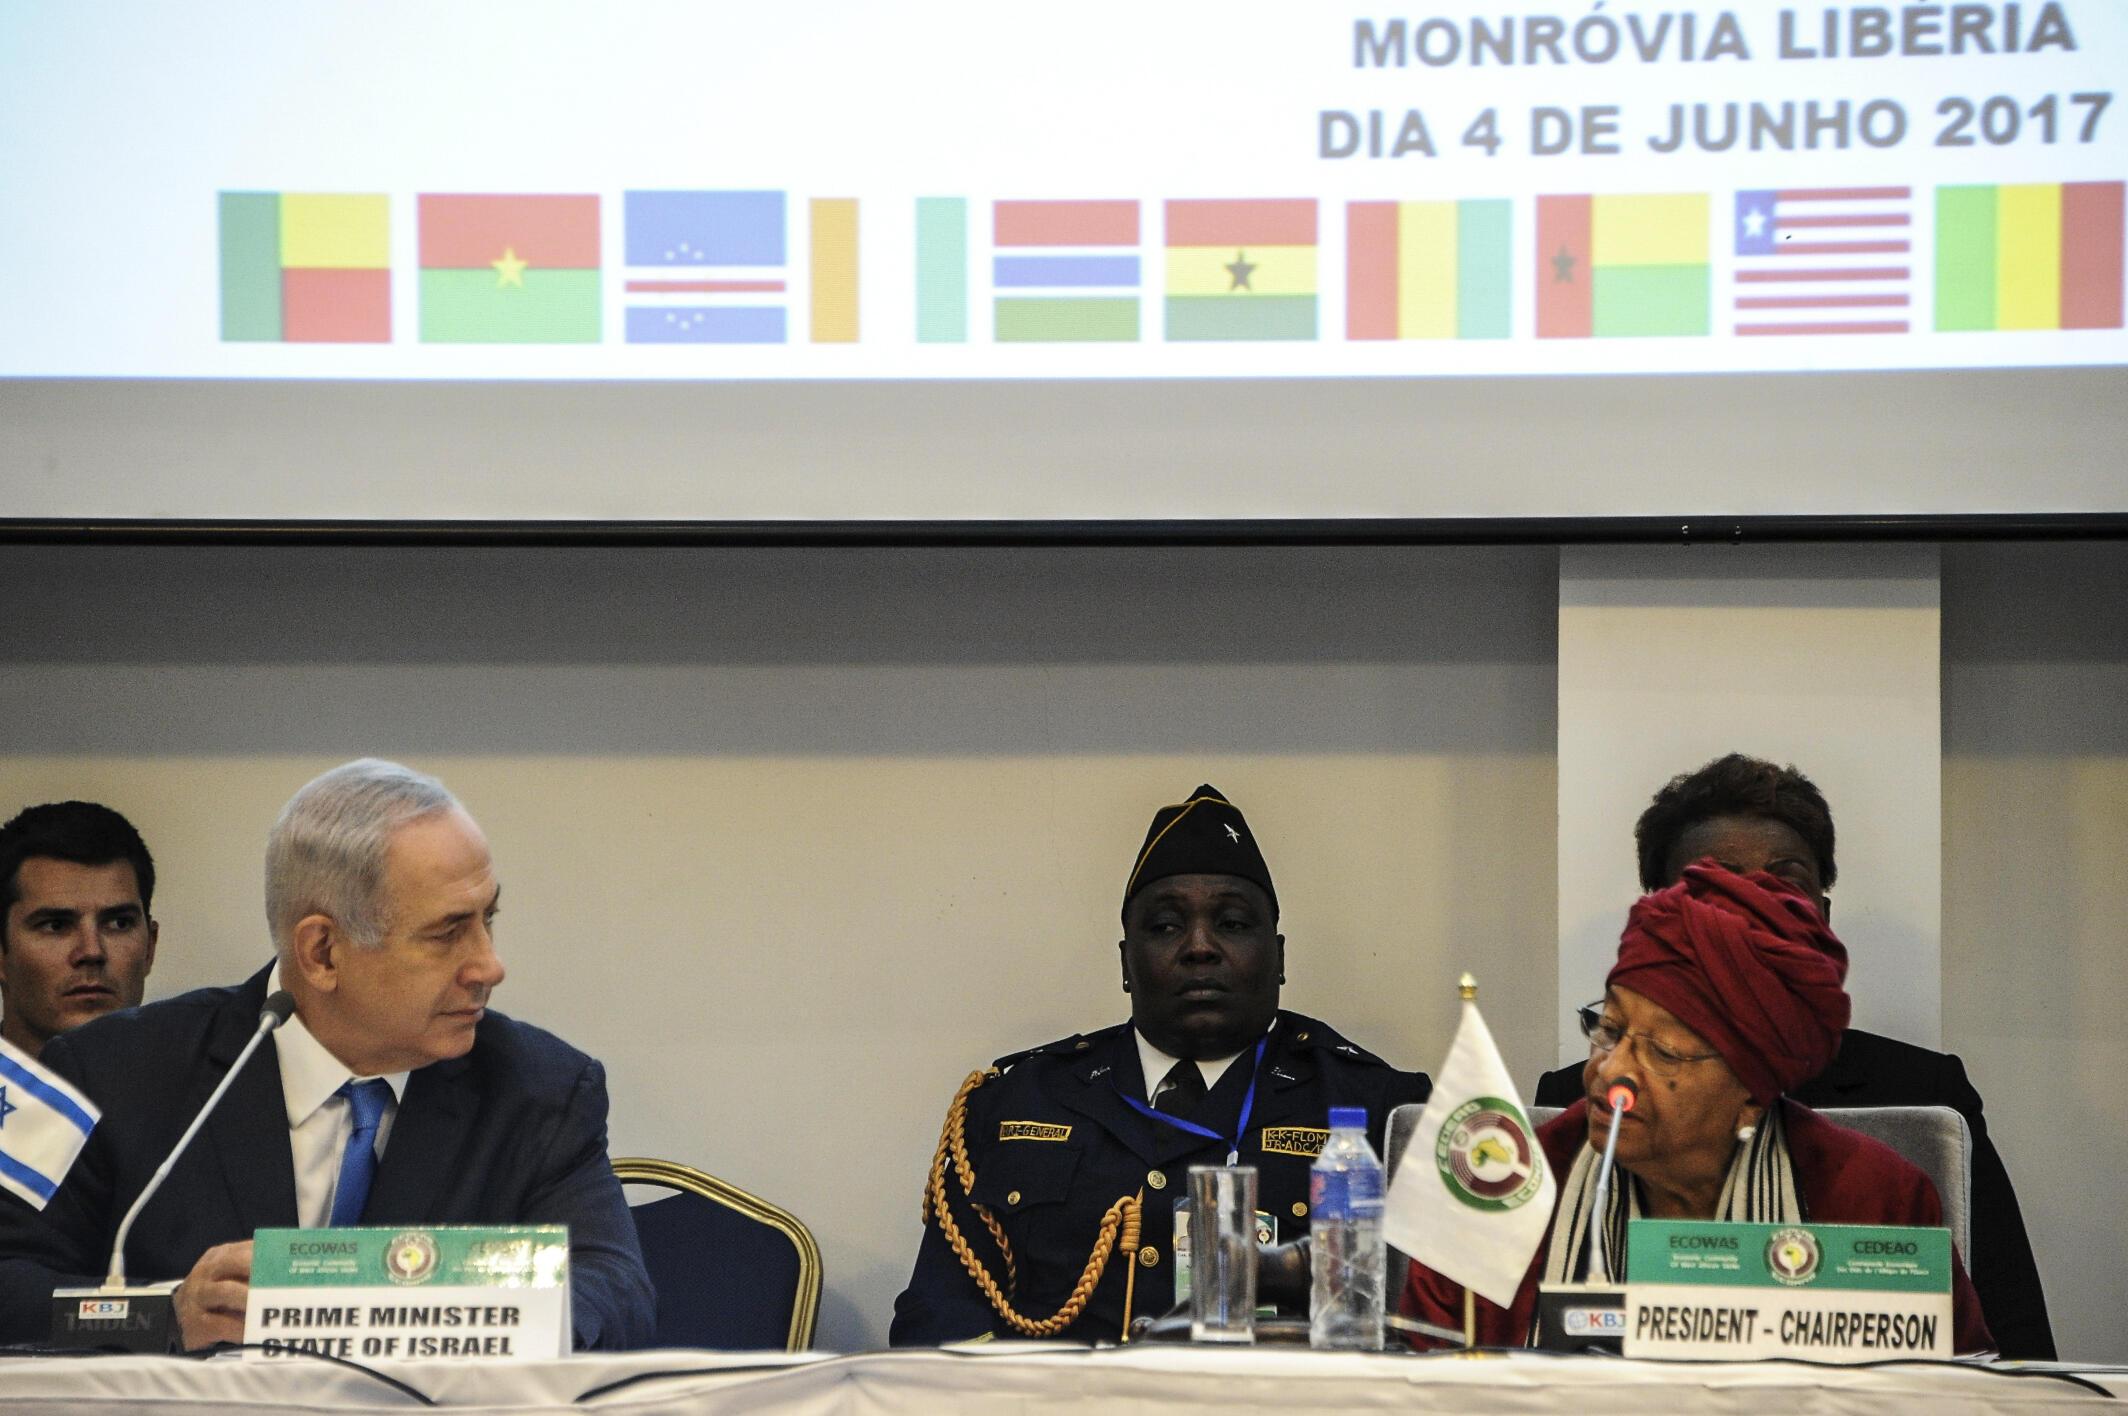 Primeiro-ministro israelita e presidente liberiana na cimeira da CEDEAO de Monróvia a 4 de Junho de 2017.